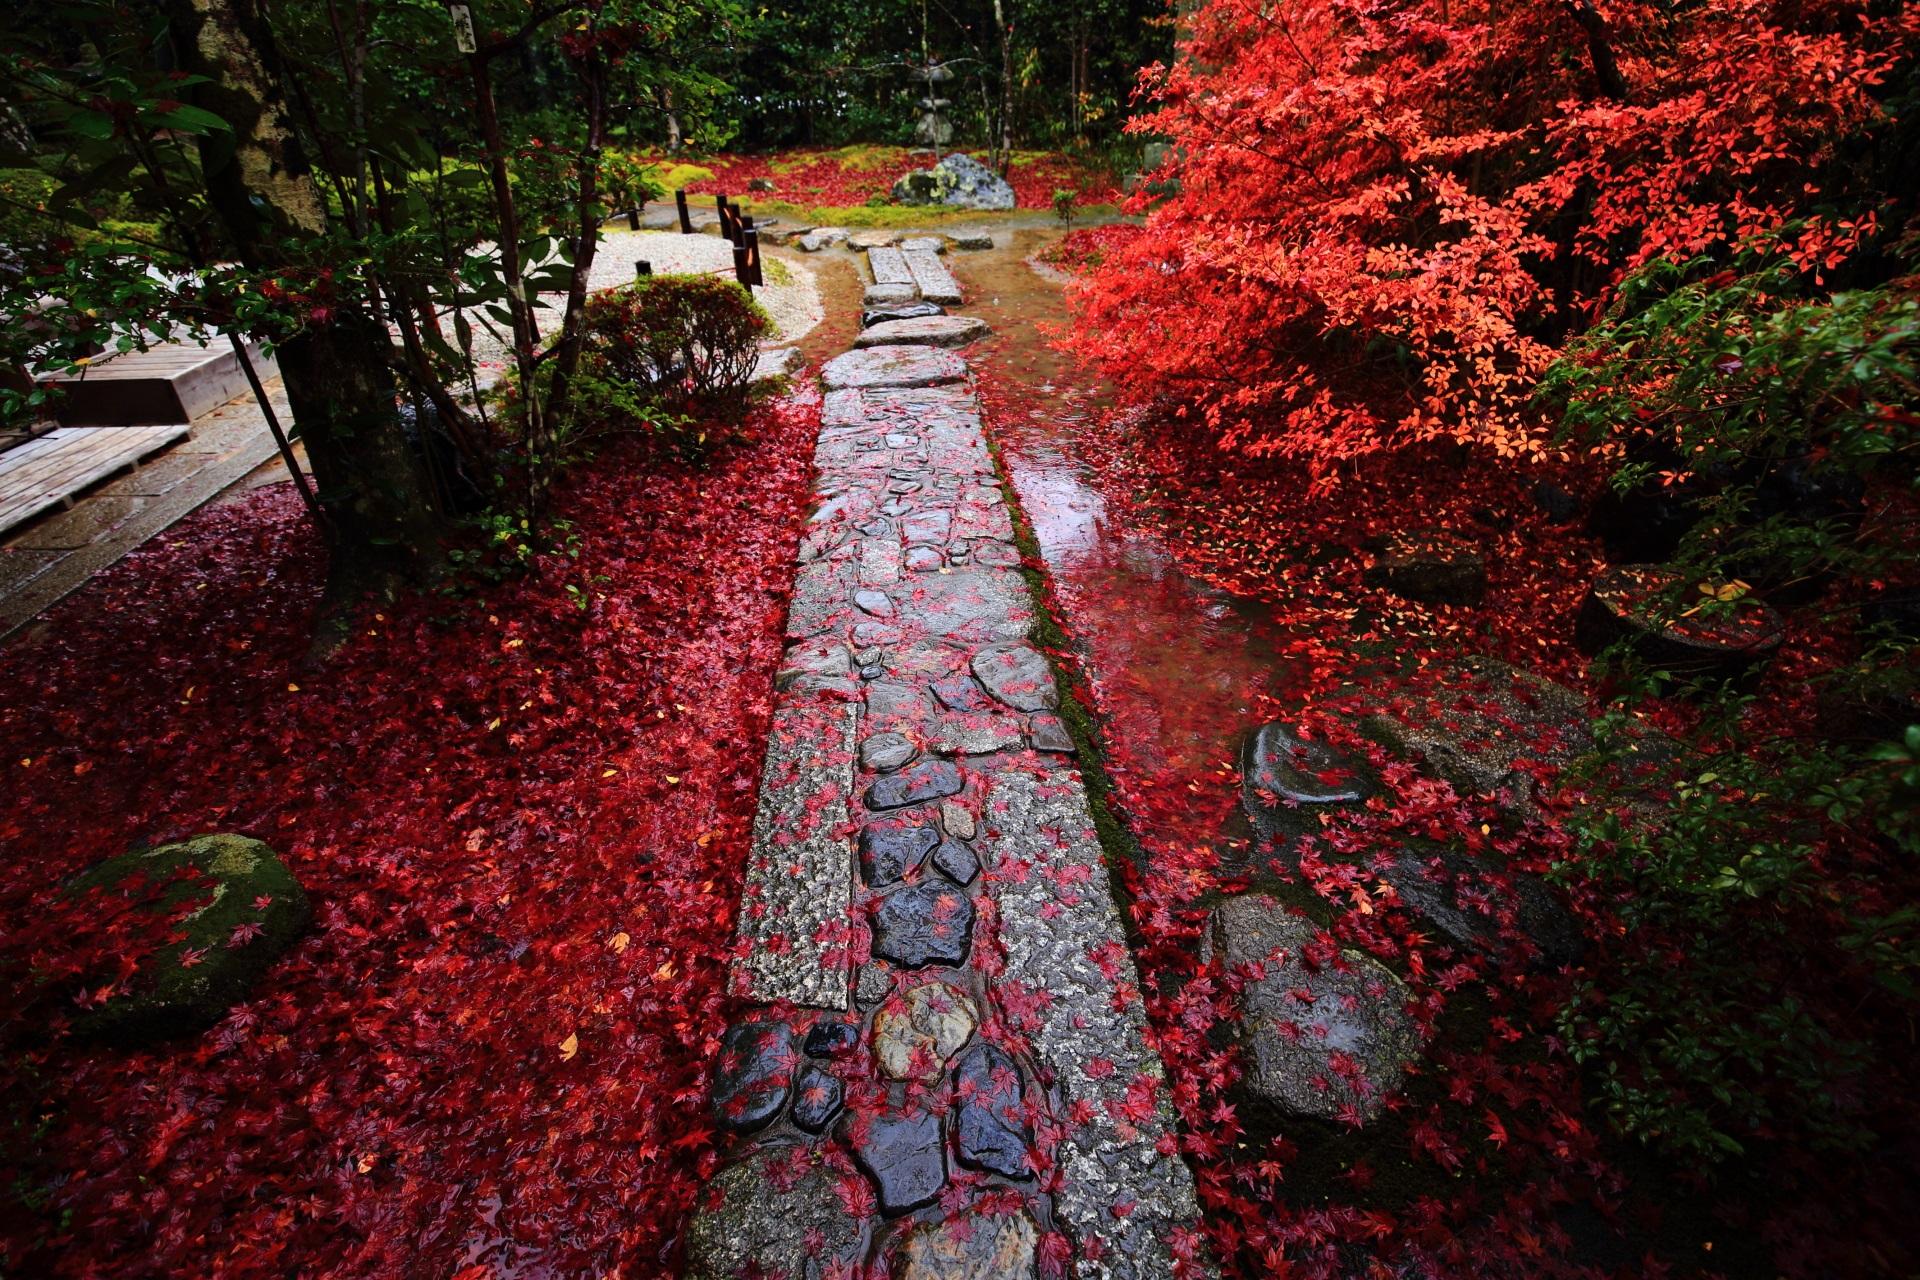 金福寺の庭園入口付近の見事な彩りの参道と散り紅葉